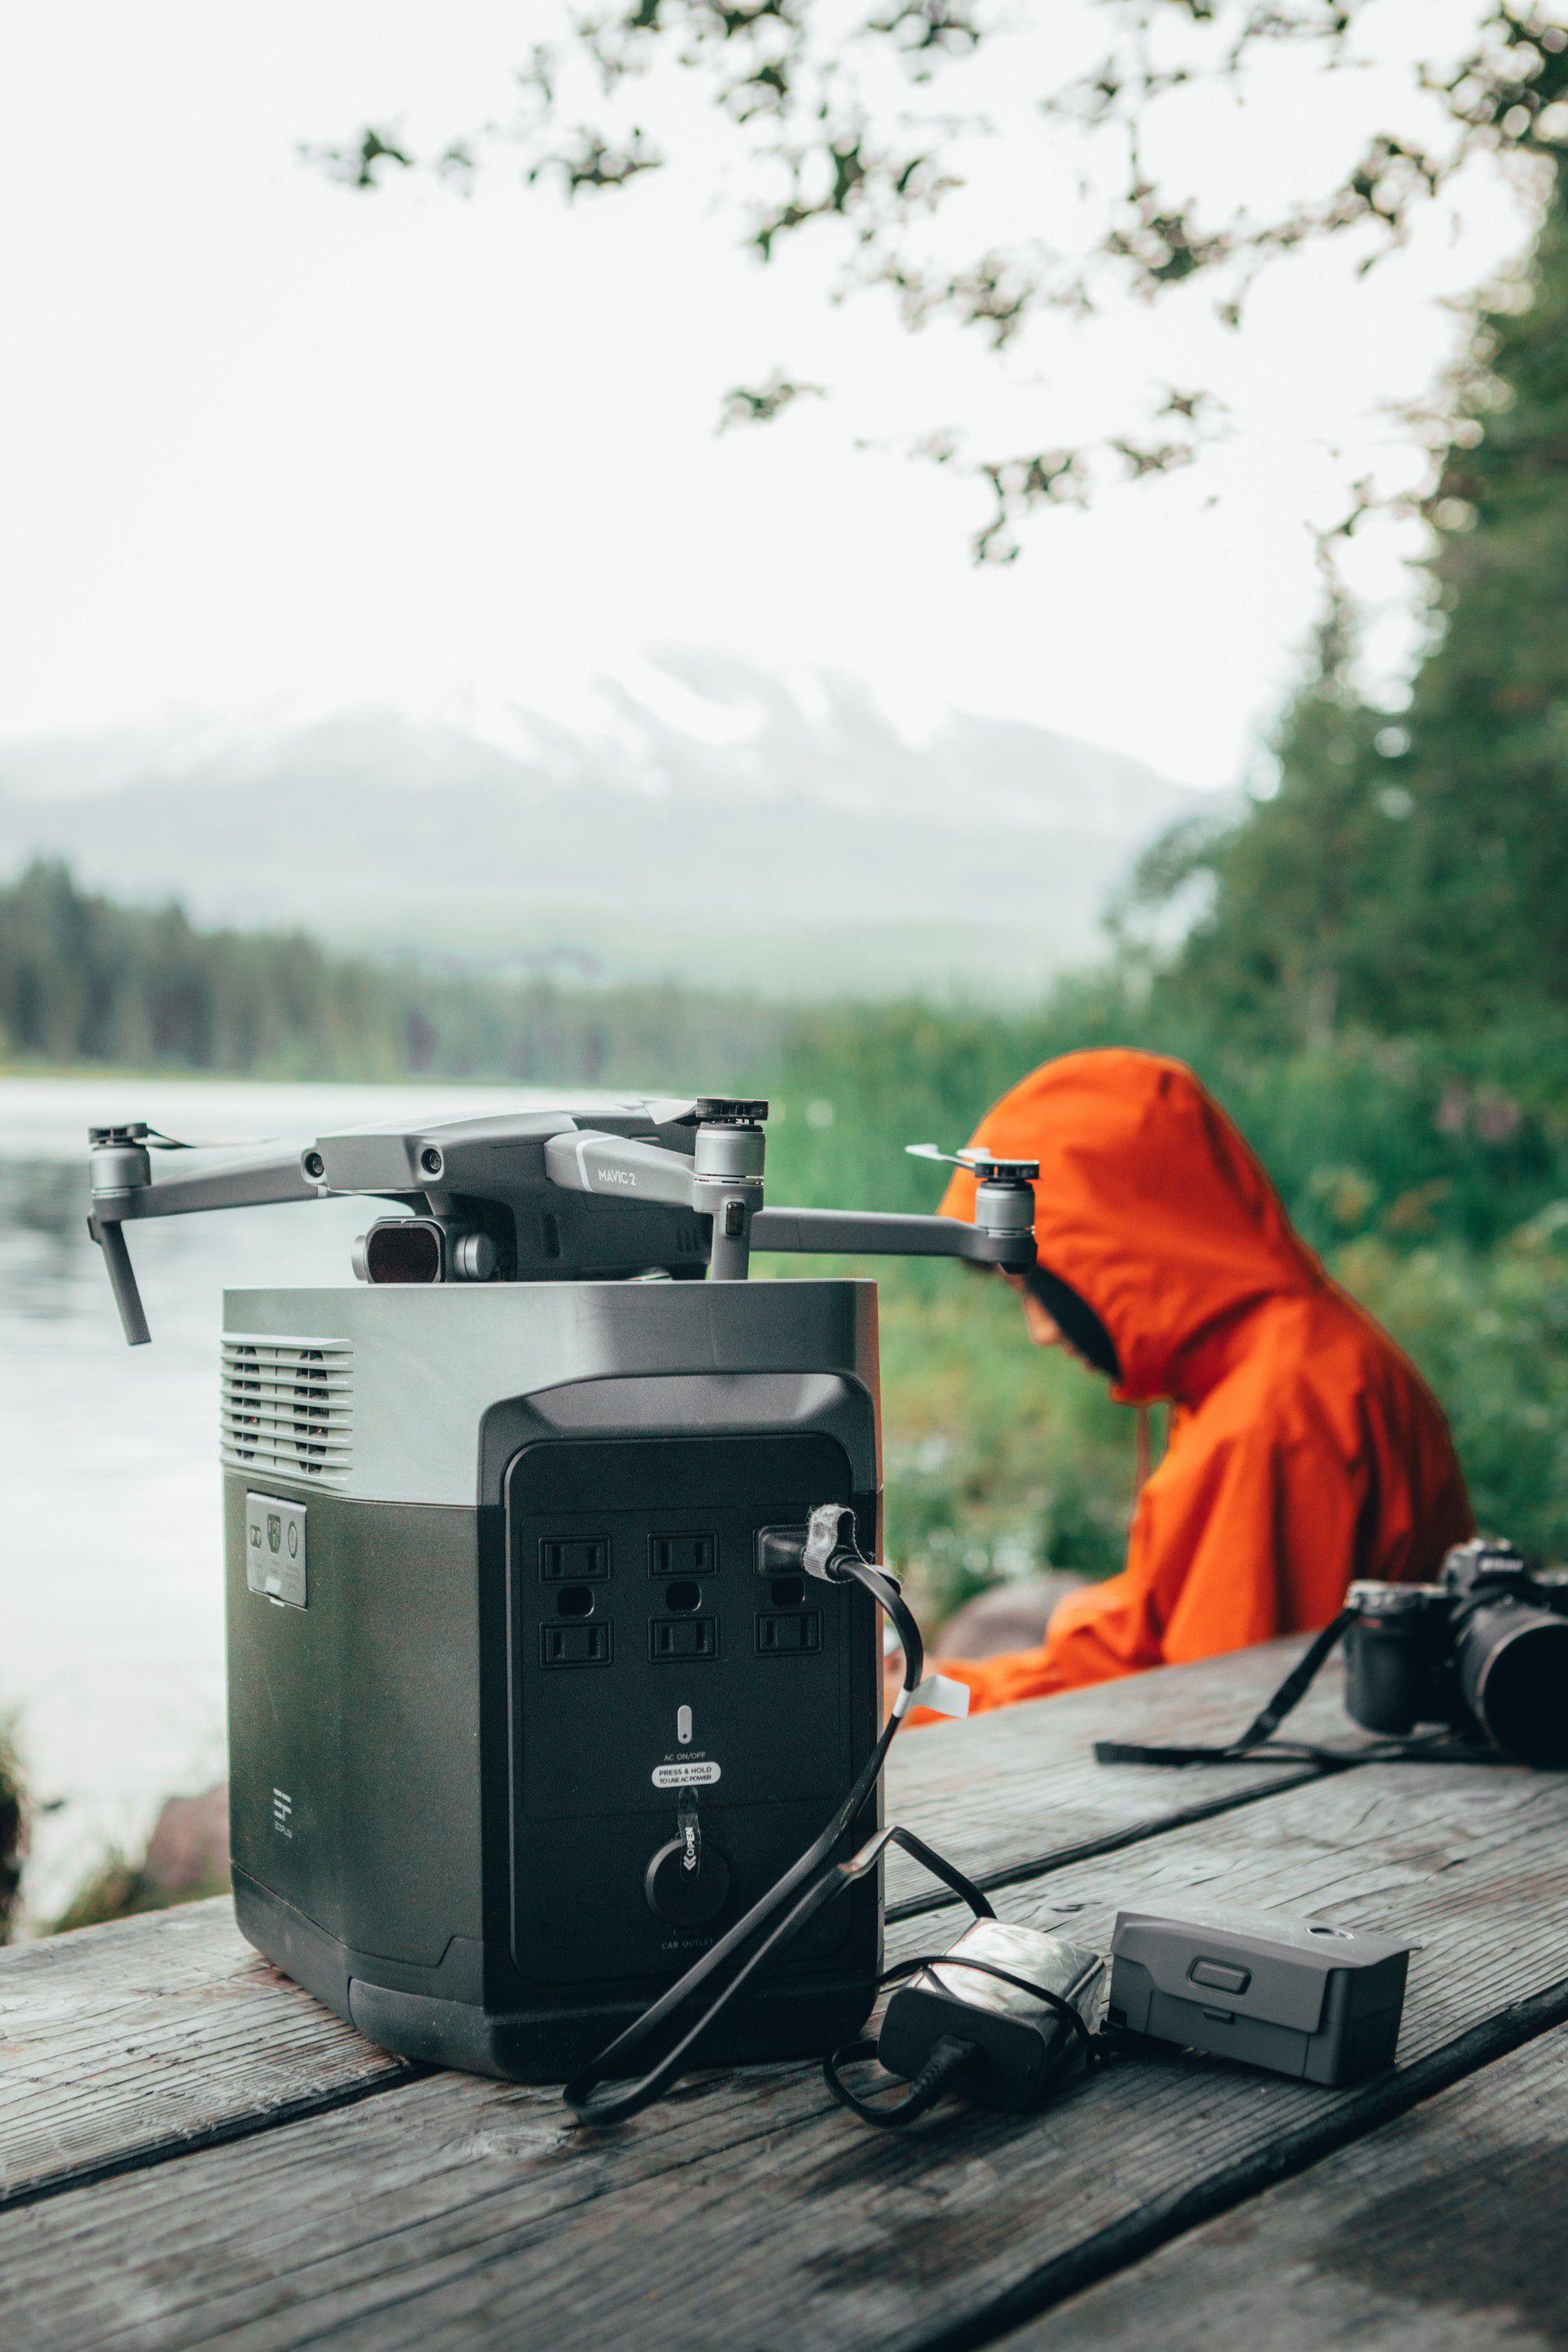 Delat Portable station